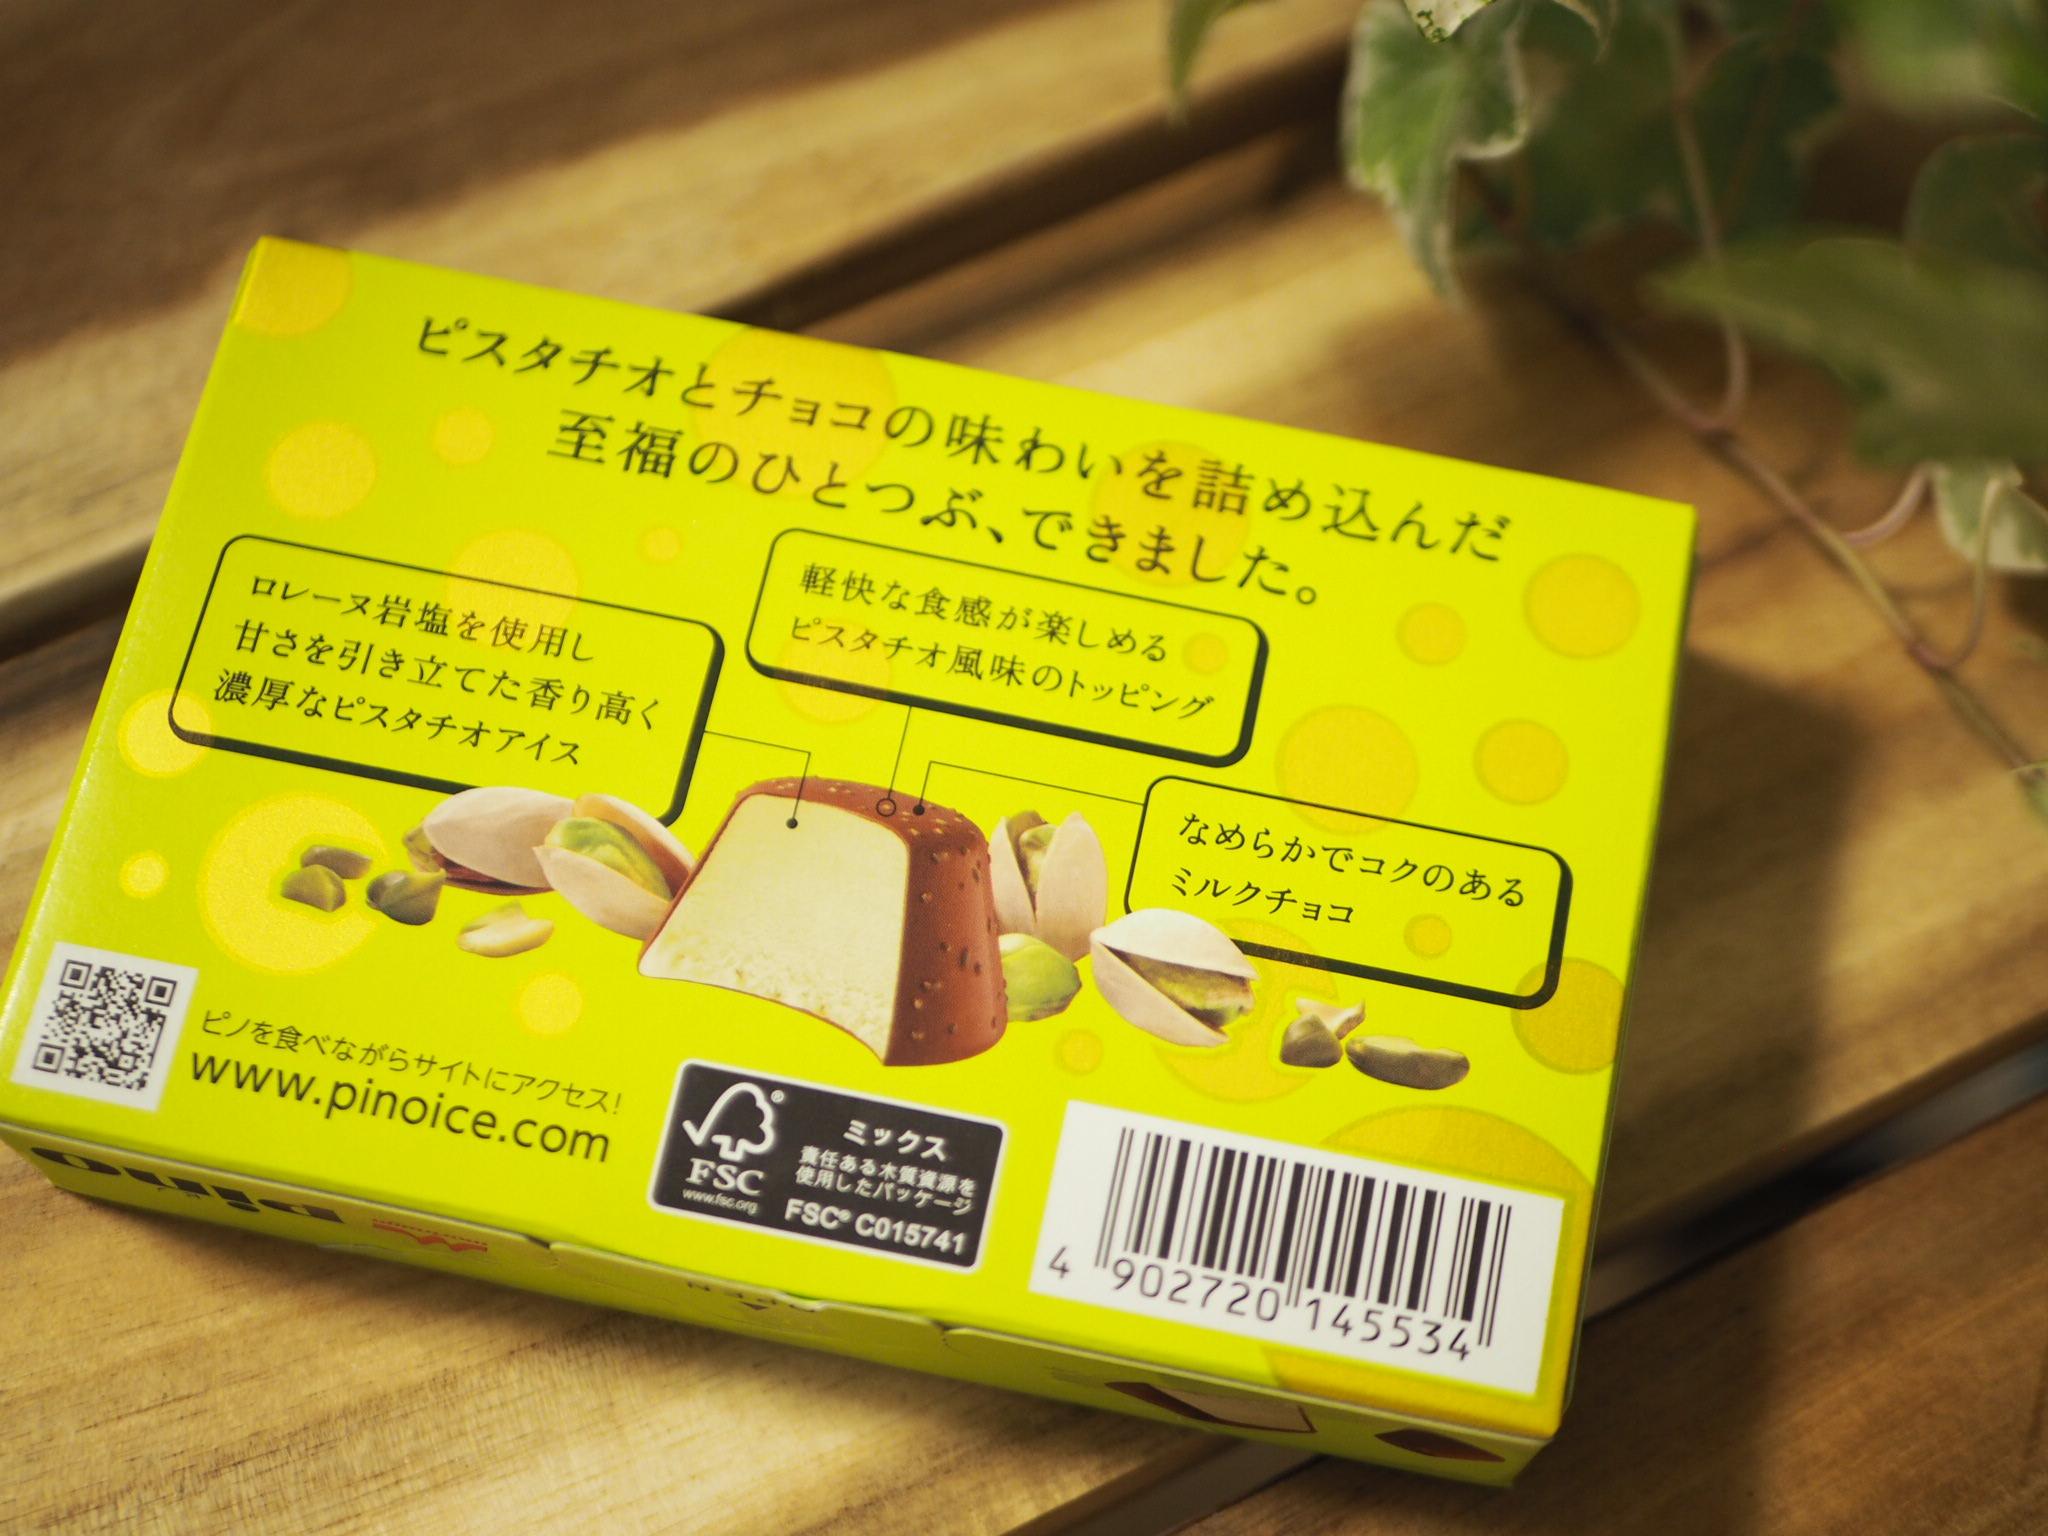 【ピノ史上初登場】のピスタチオ味♡♡ 気になるお味と販売期間は?_4